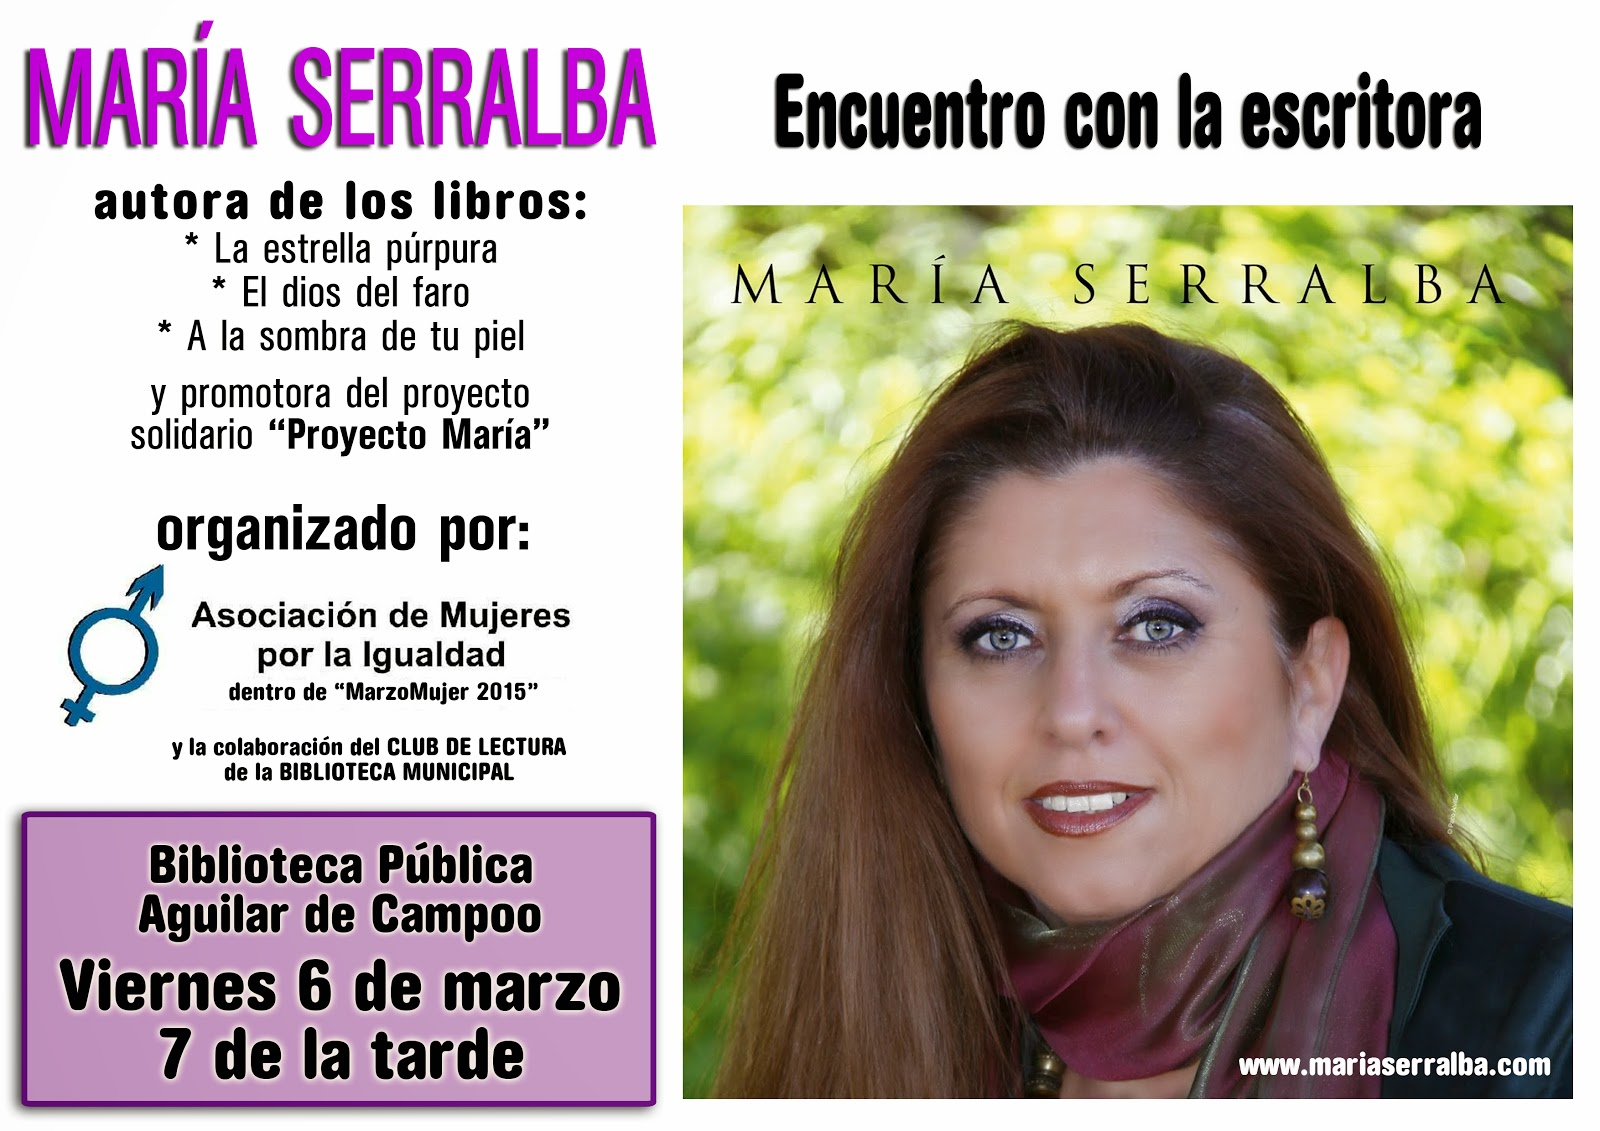 El Blog de María Serralba - Diario de ruta palentina